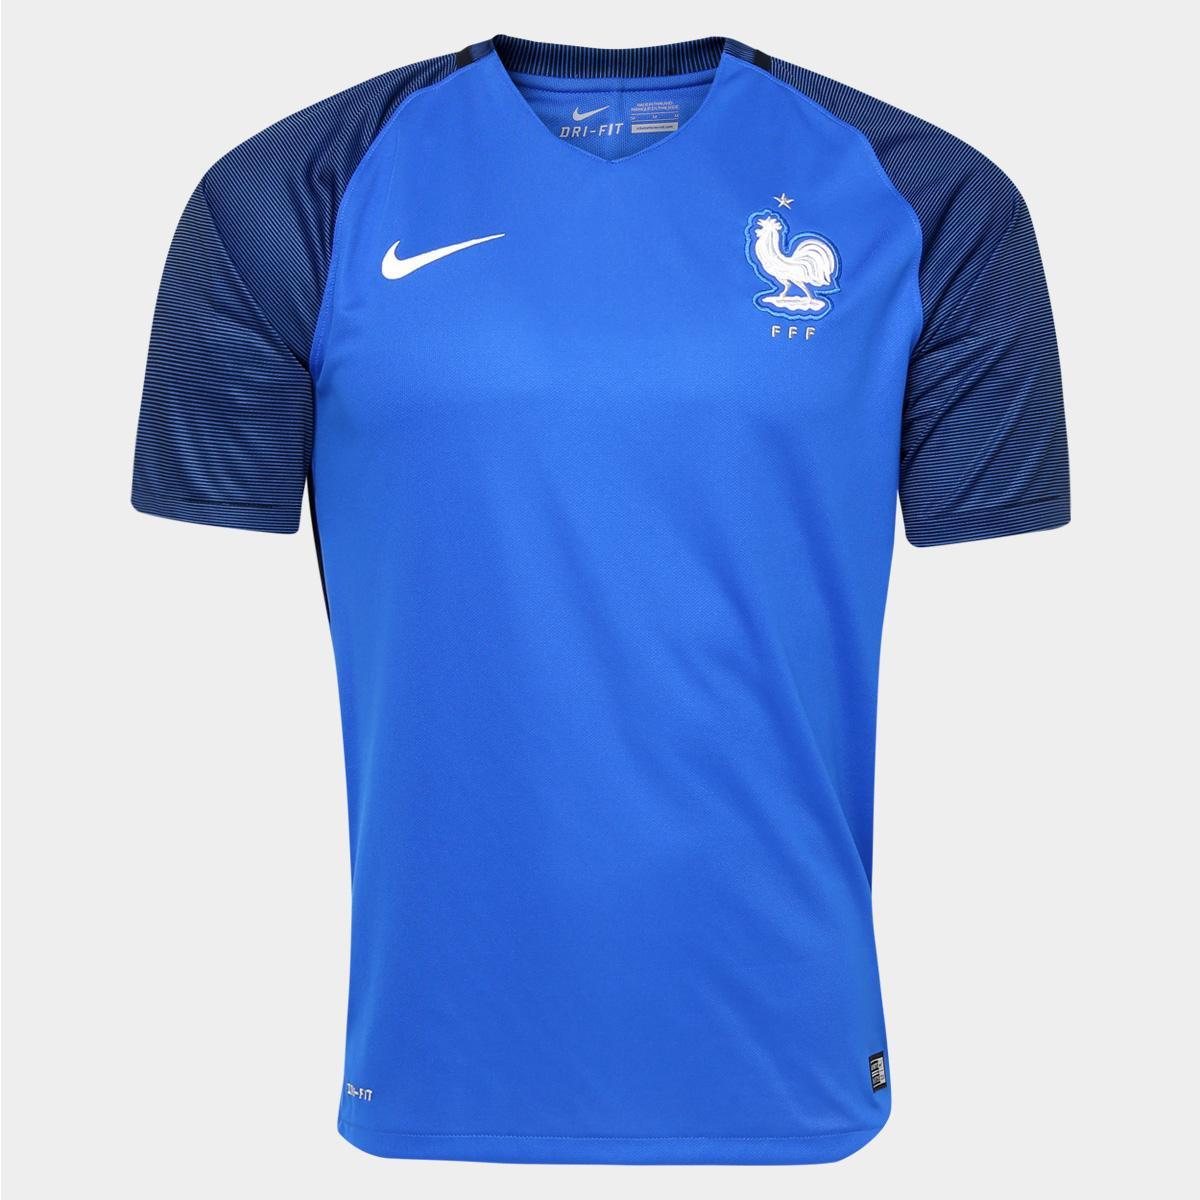 Camisa Seleção França Home 2016 s nº Torcedor Nike Masculina - Compre Agora   e8b2fa28ae8f2